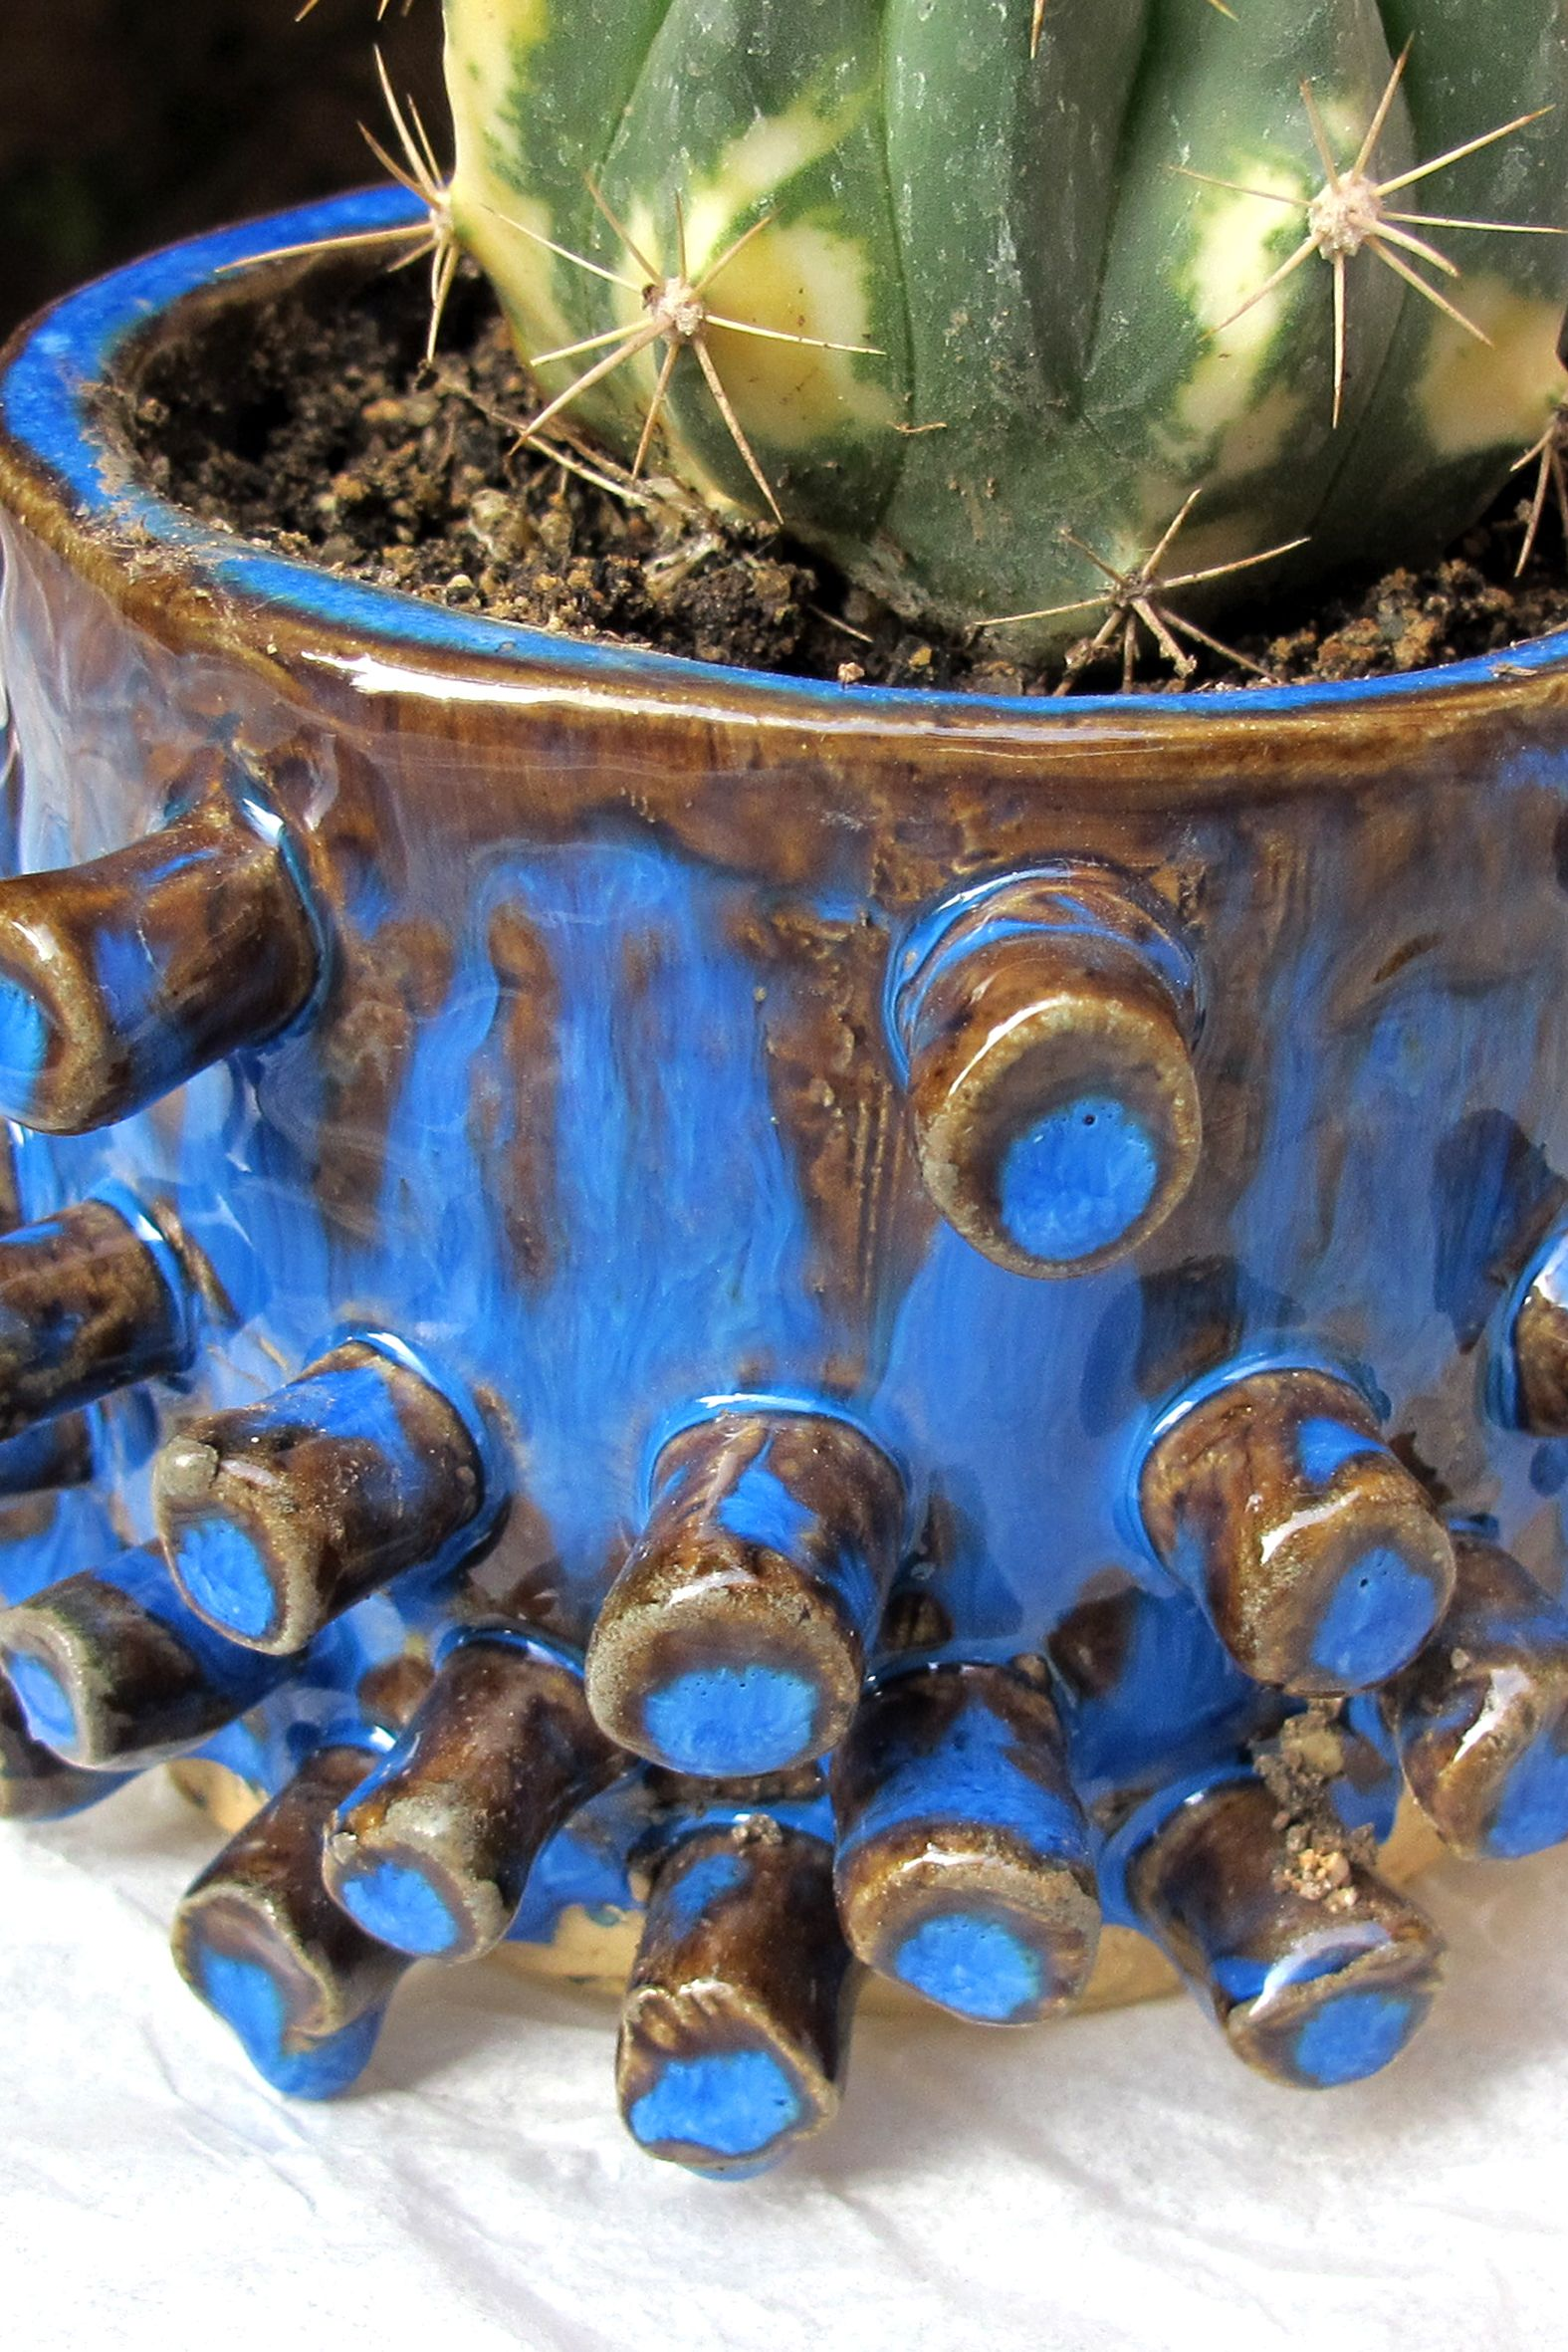 Detalle #ceramics #pottery #handmade #chile #carlospucci #latinamerica #homemade #blue #cactus #suculenta #octopus